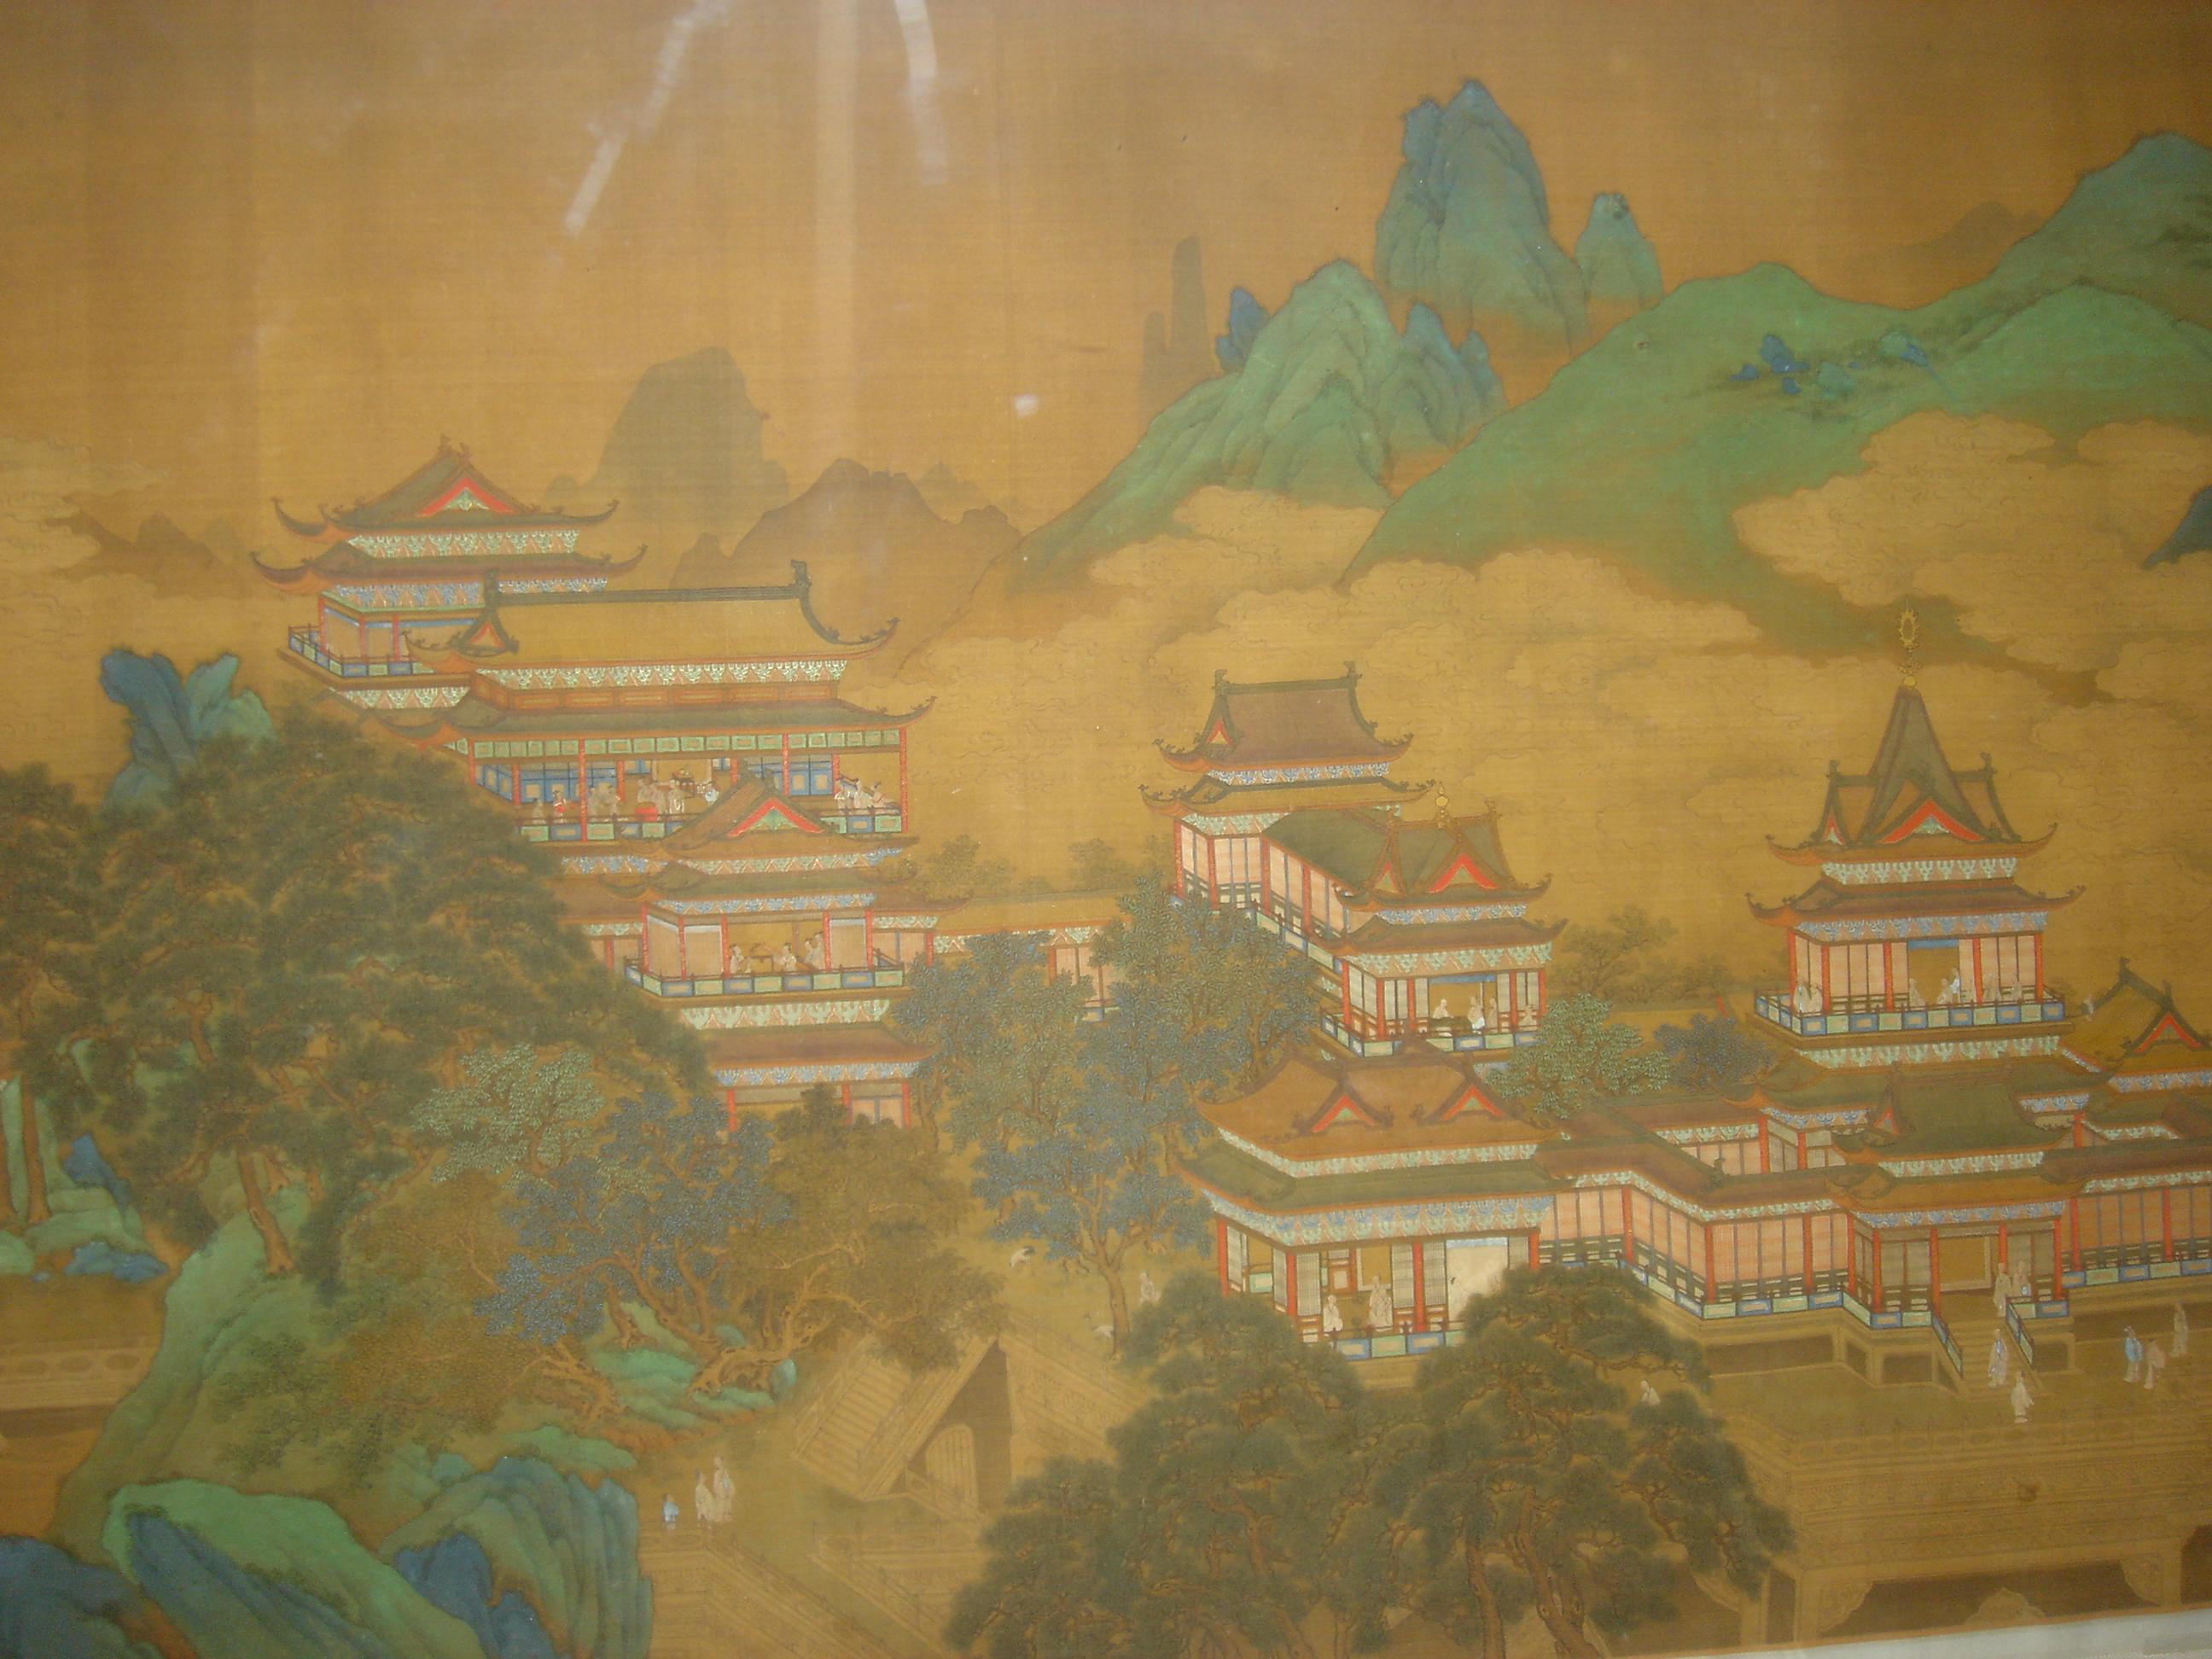 武則天篡政以後,京師王公貴族、公主駙馬等住宅修建得越來越高大華麗。此圖為明代繪畫,描繪西王母居住在一個用美玉雕琢而成的晶瑩剔透的九重宮殿裡。(公有領域)